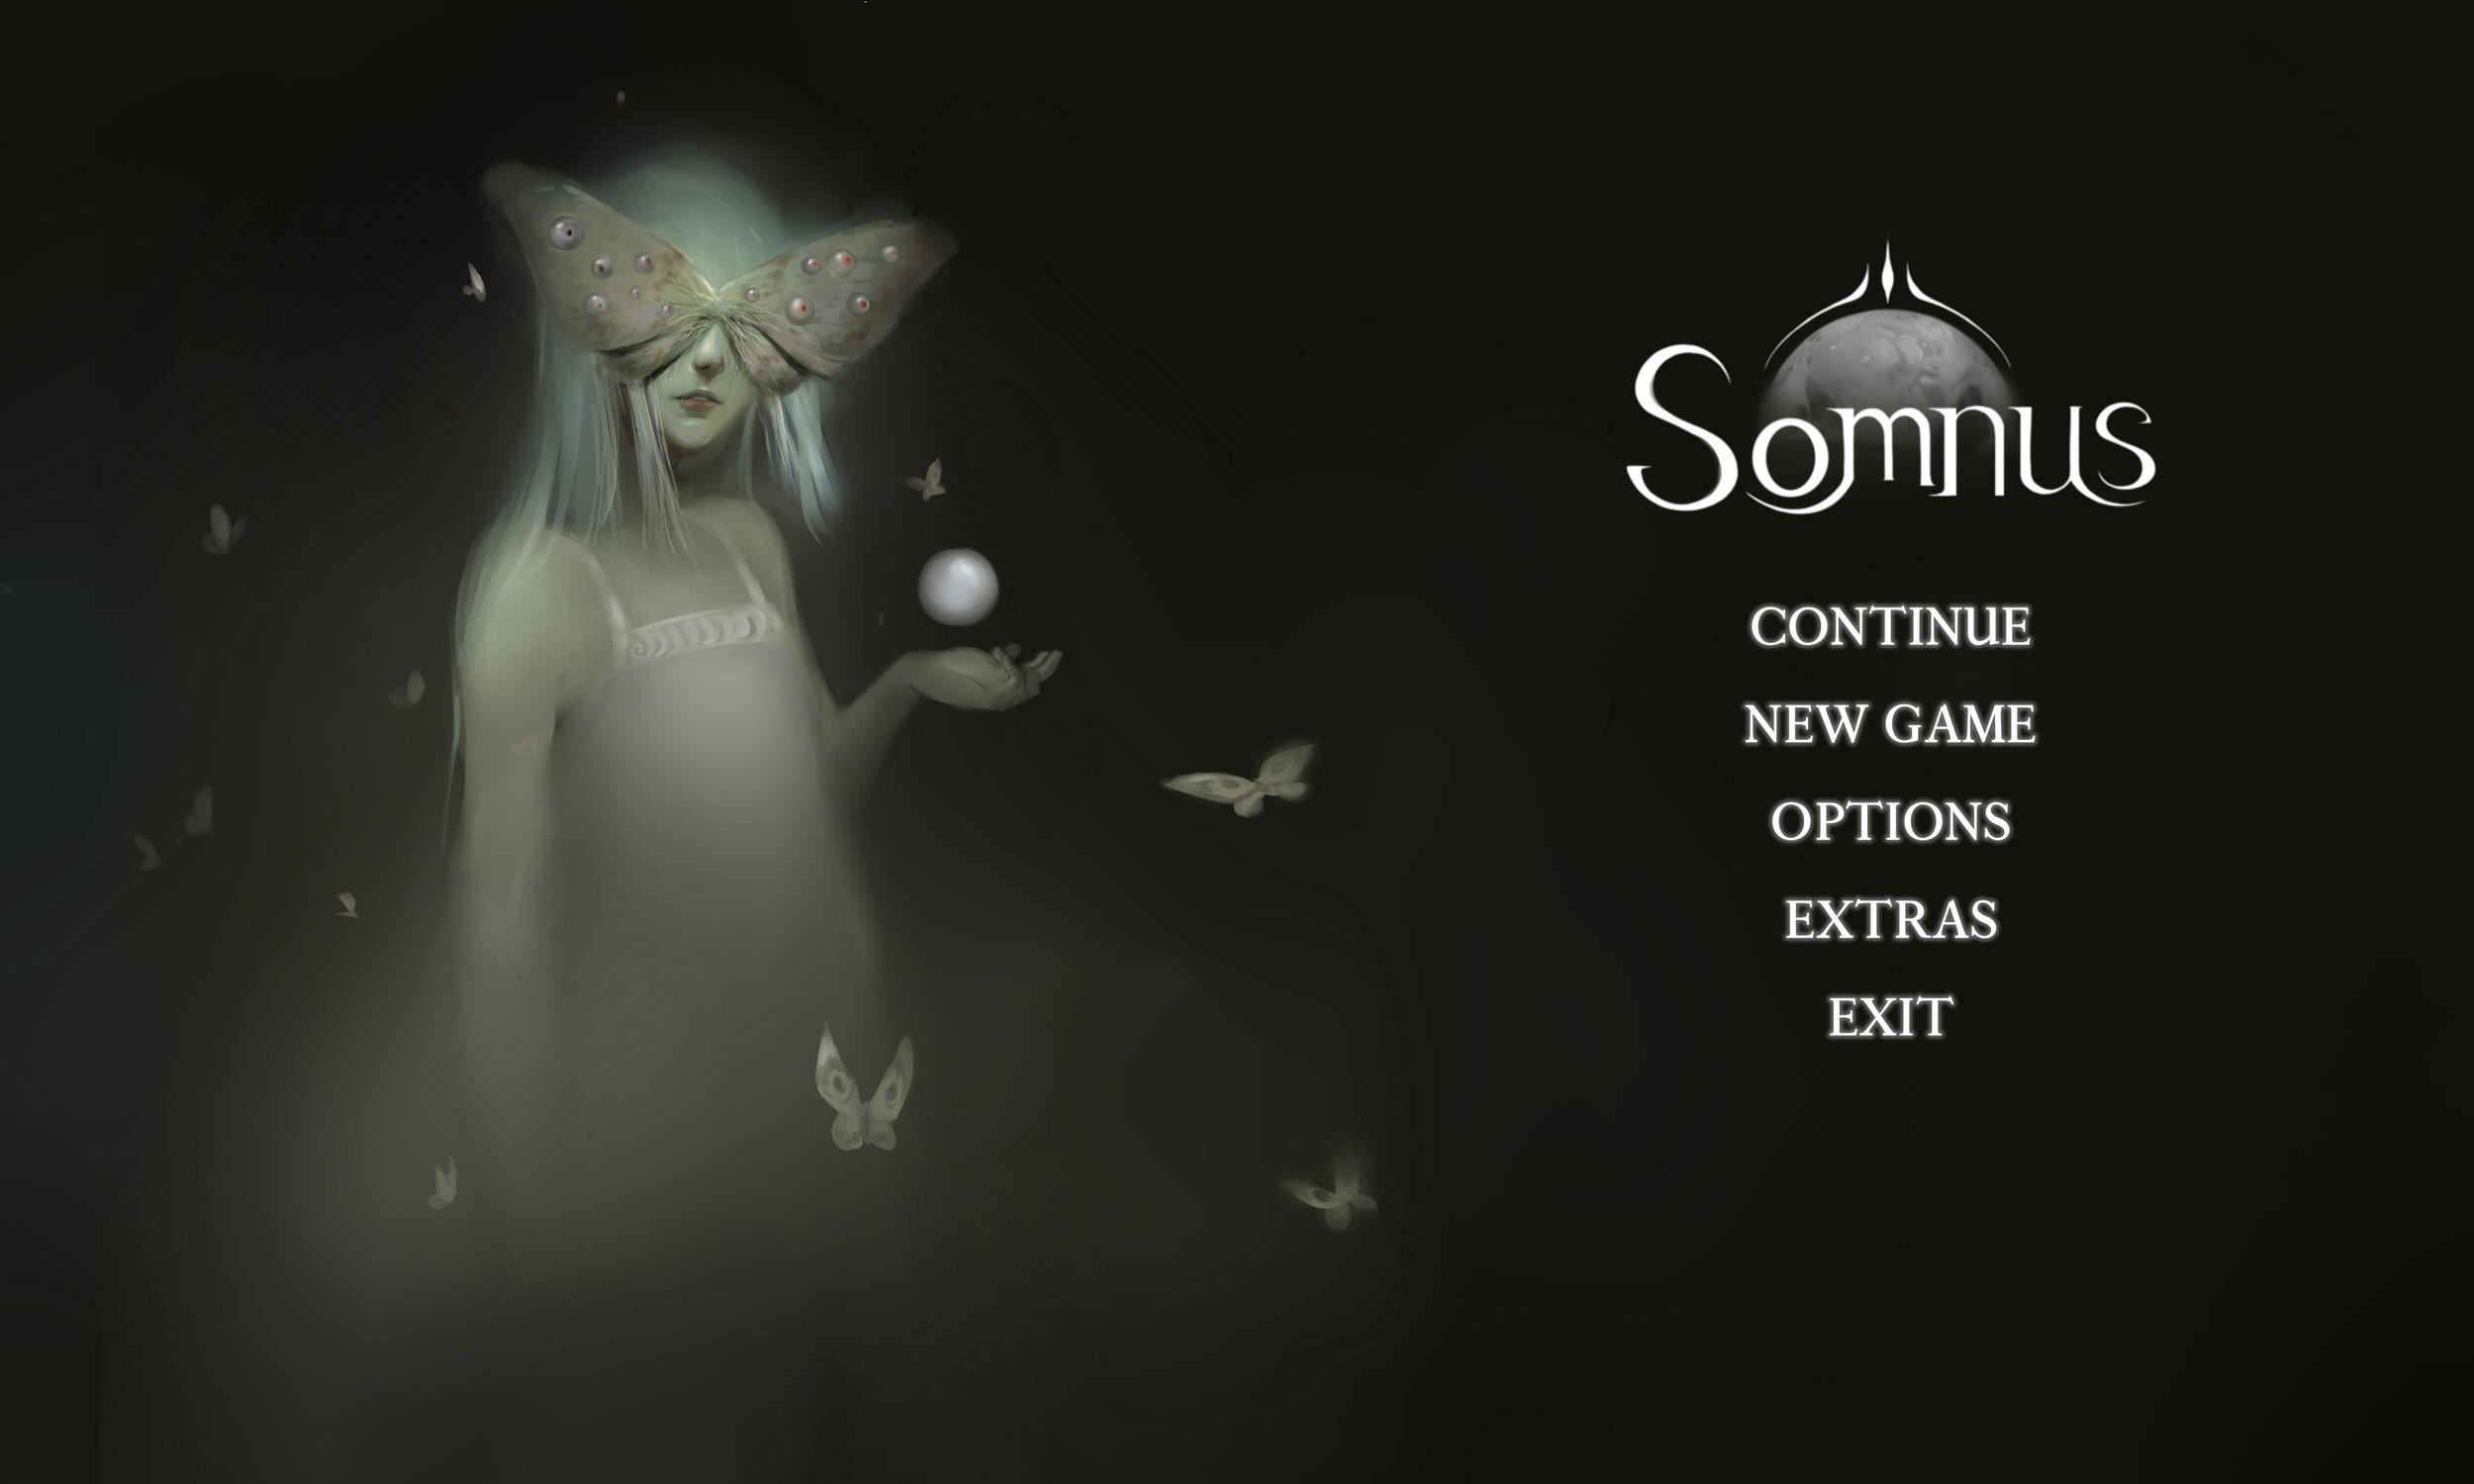 Somnus_MothgirlGameScreen_2018.jpg